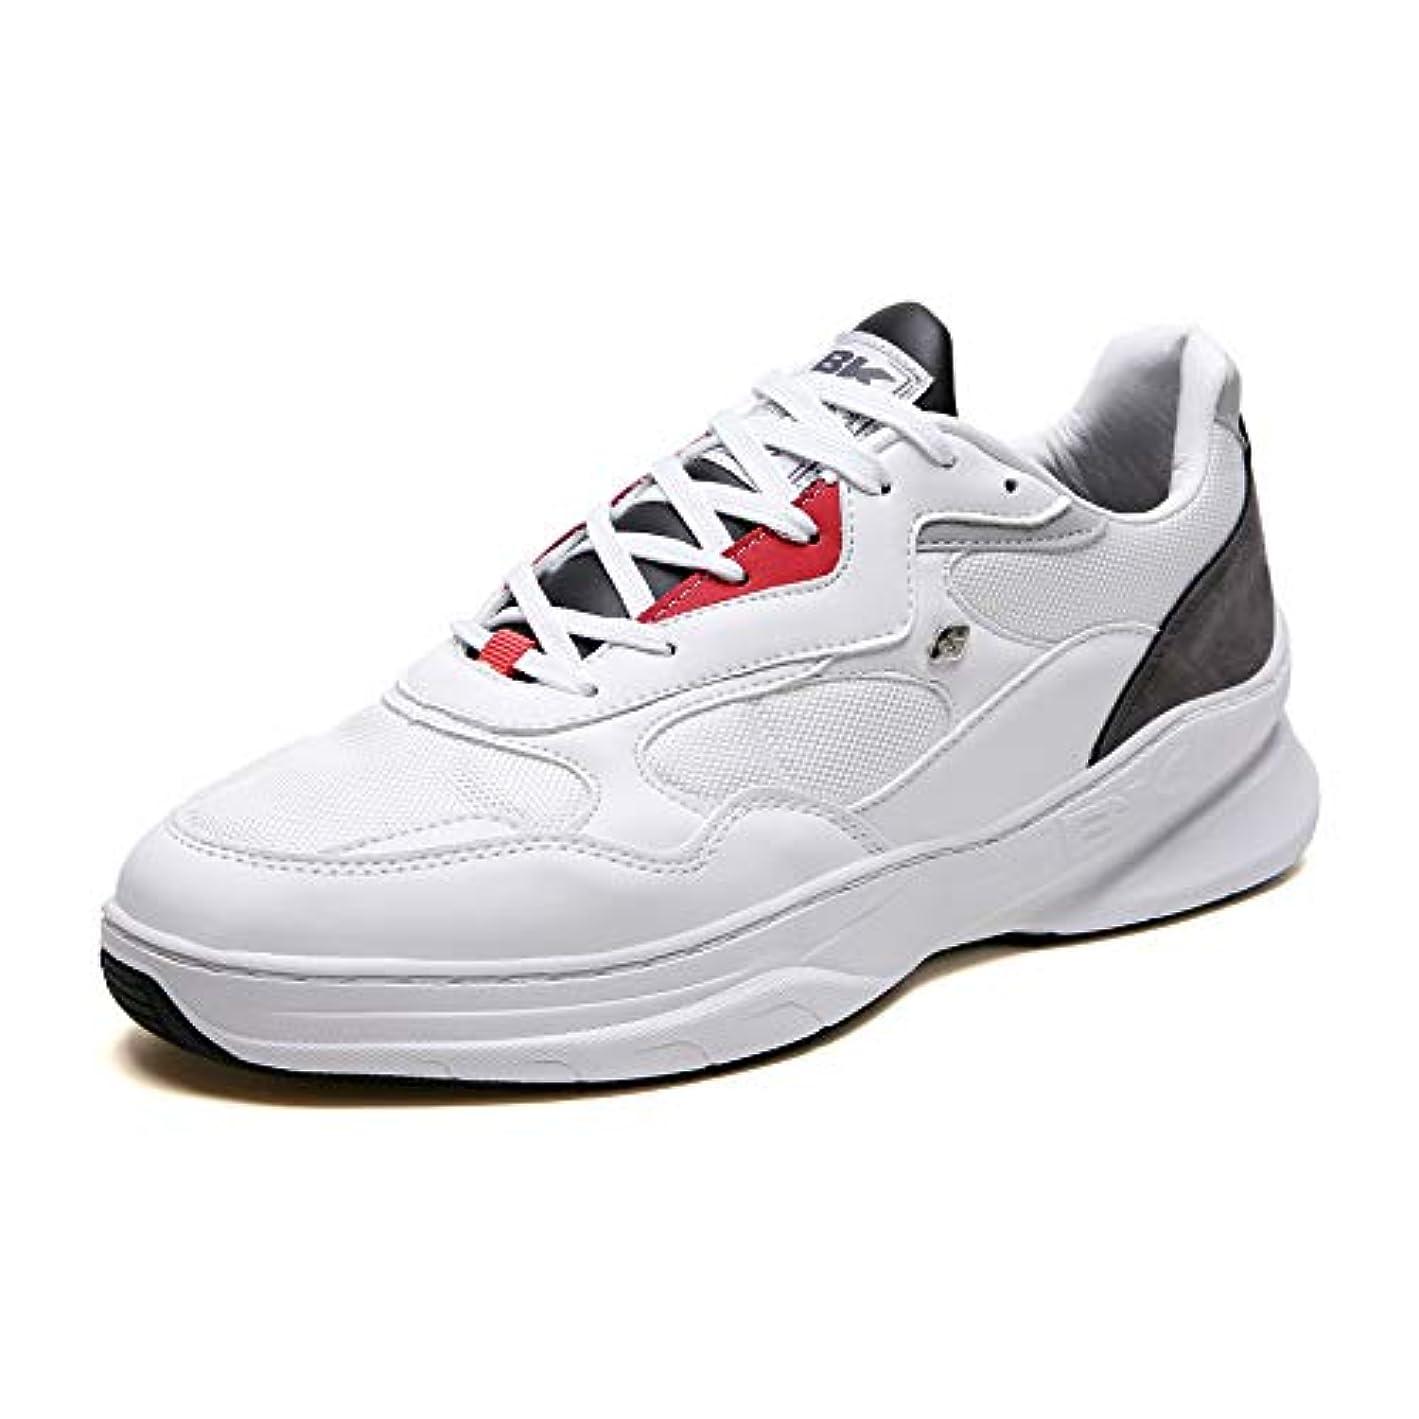 変更ケニア特殊[§BK\BRITISH\KNIGHTS] BRITISH KNIGHTS スニーカー メンズ スポーツシューズ ランニング ウォーキング アウトドア 軽量 滑りにくい